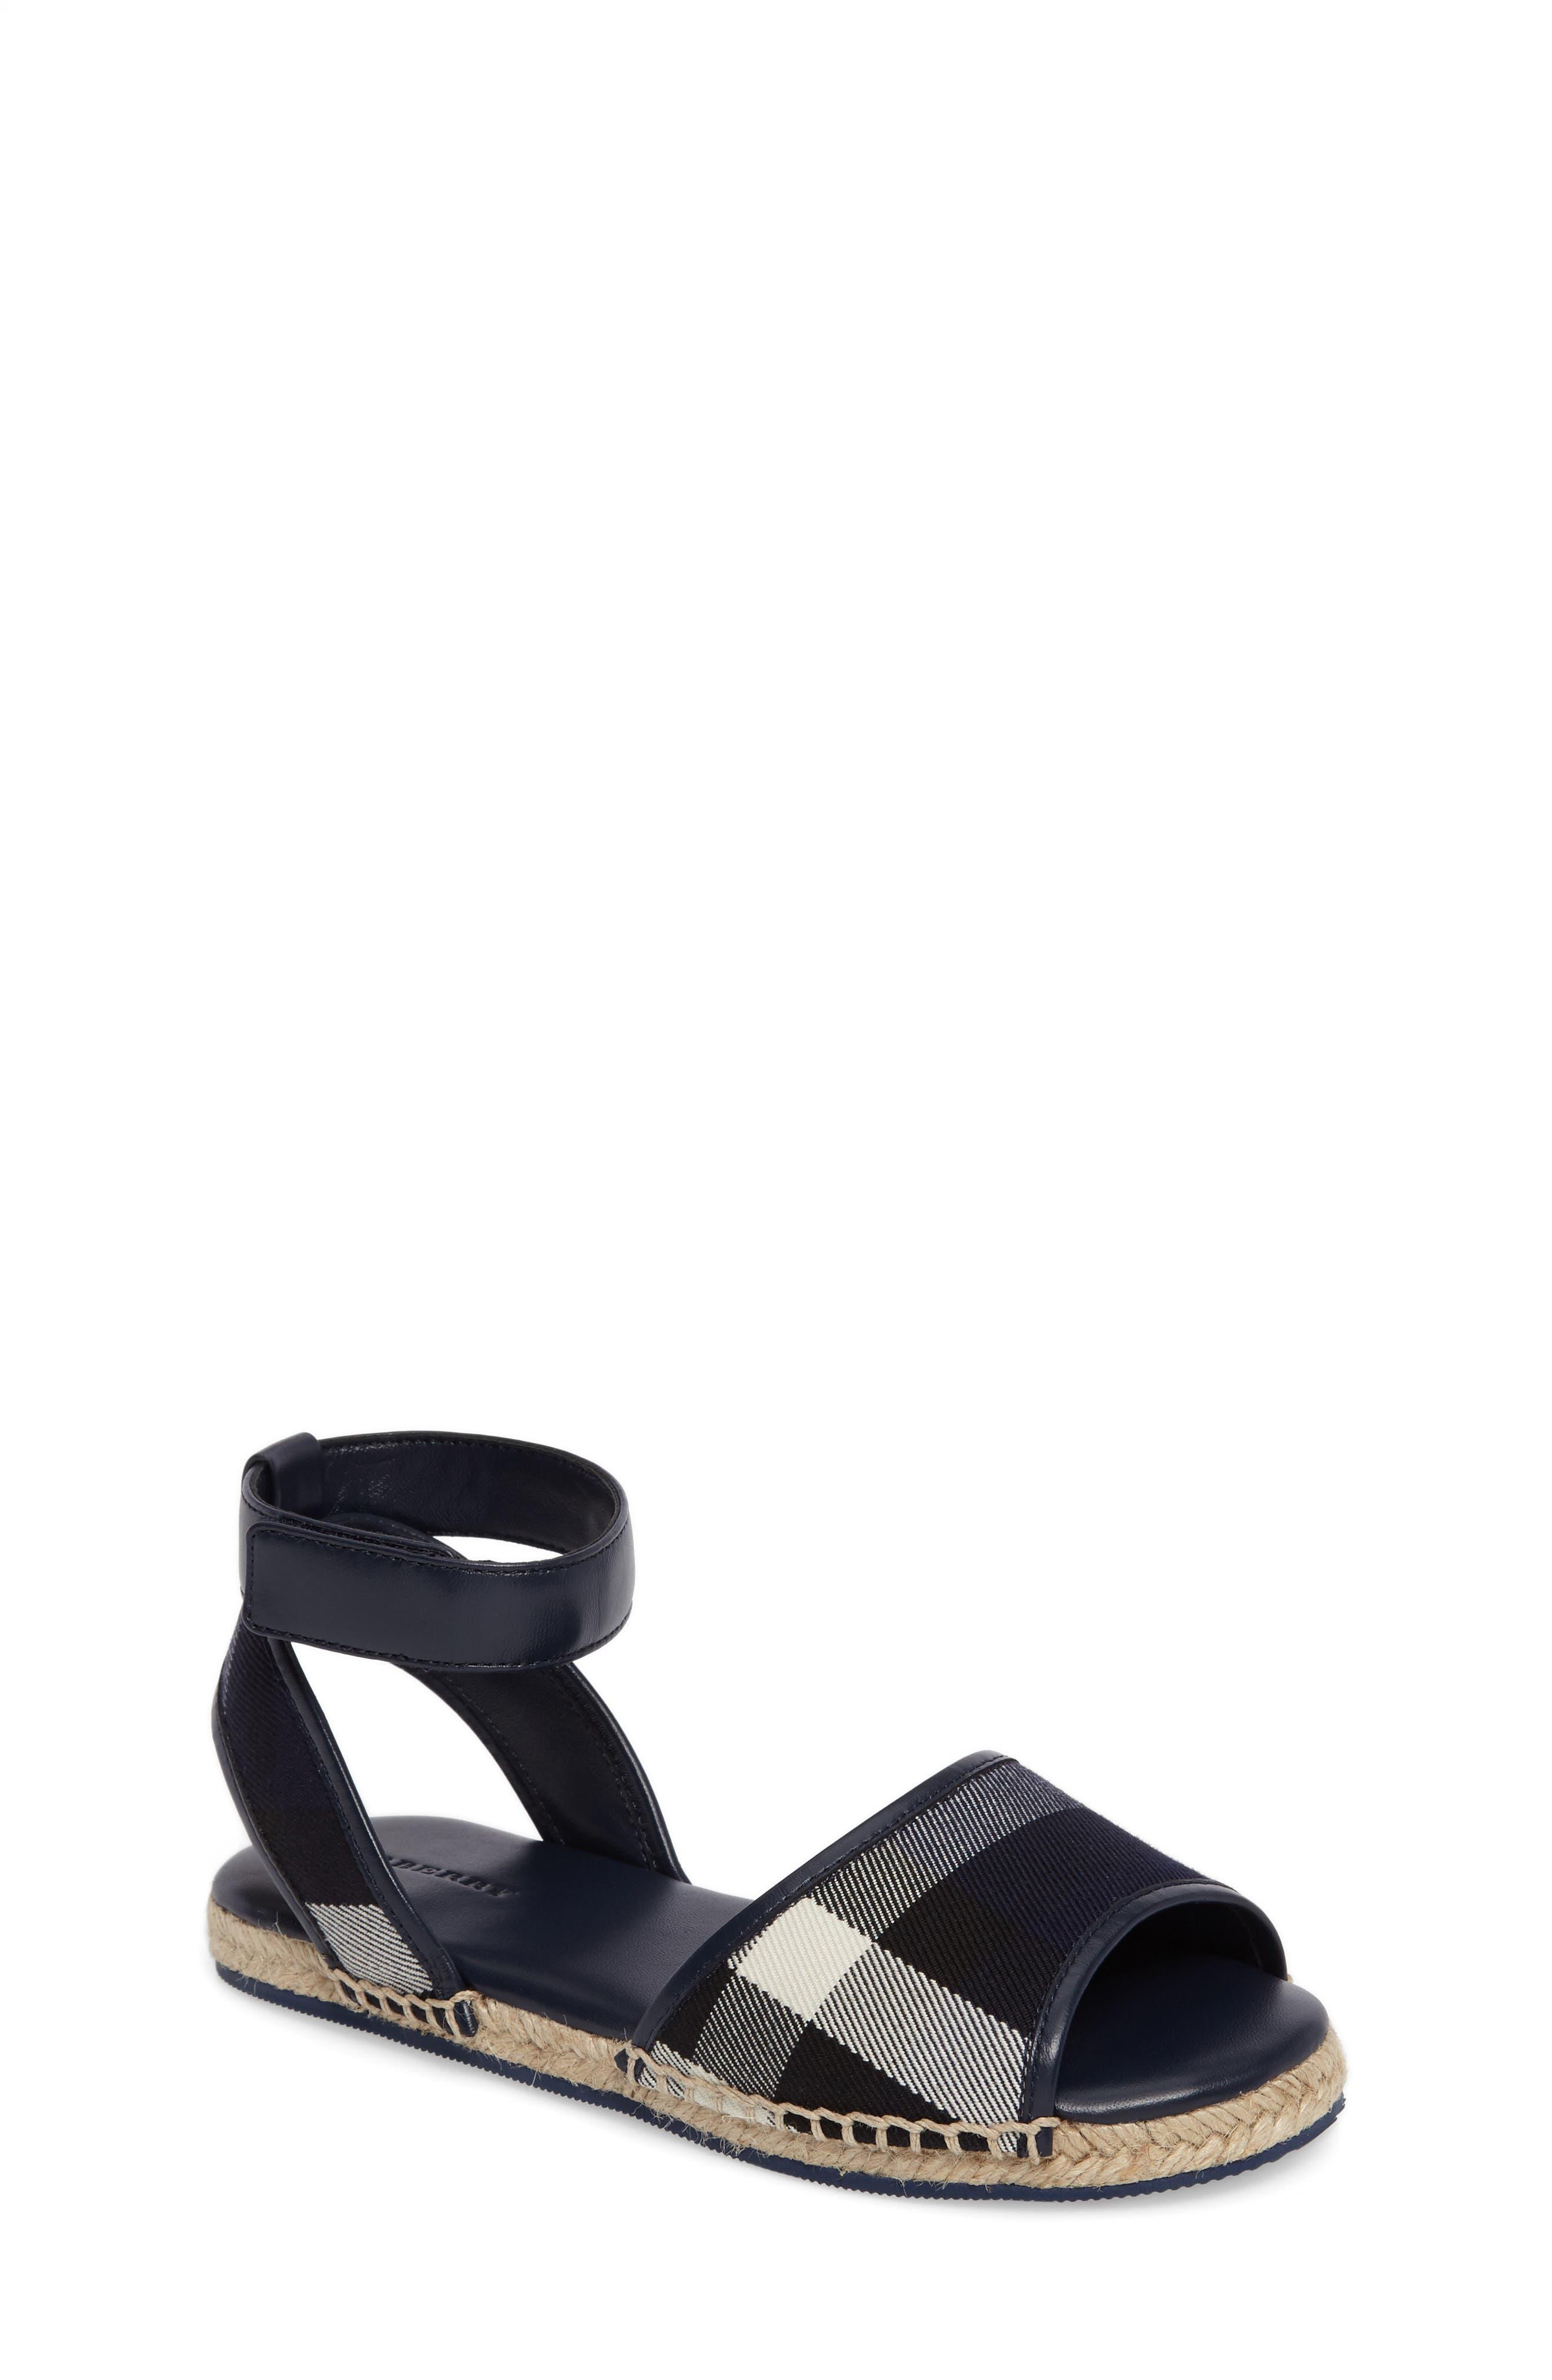 Alternate Image 1 Selected - Burberry Livvy Ankle Strap Sandal (Walker, Toddler & Little Kid)